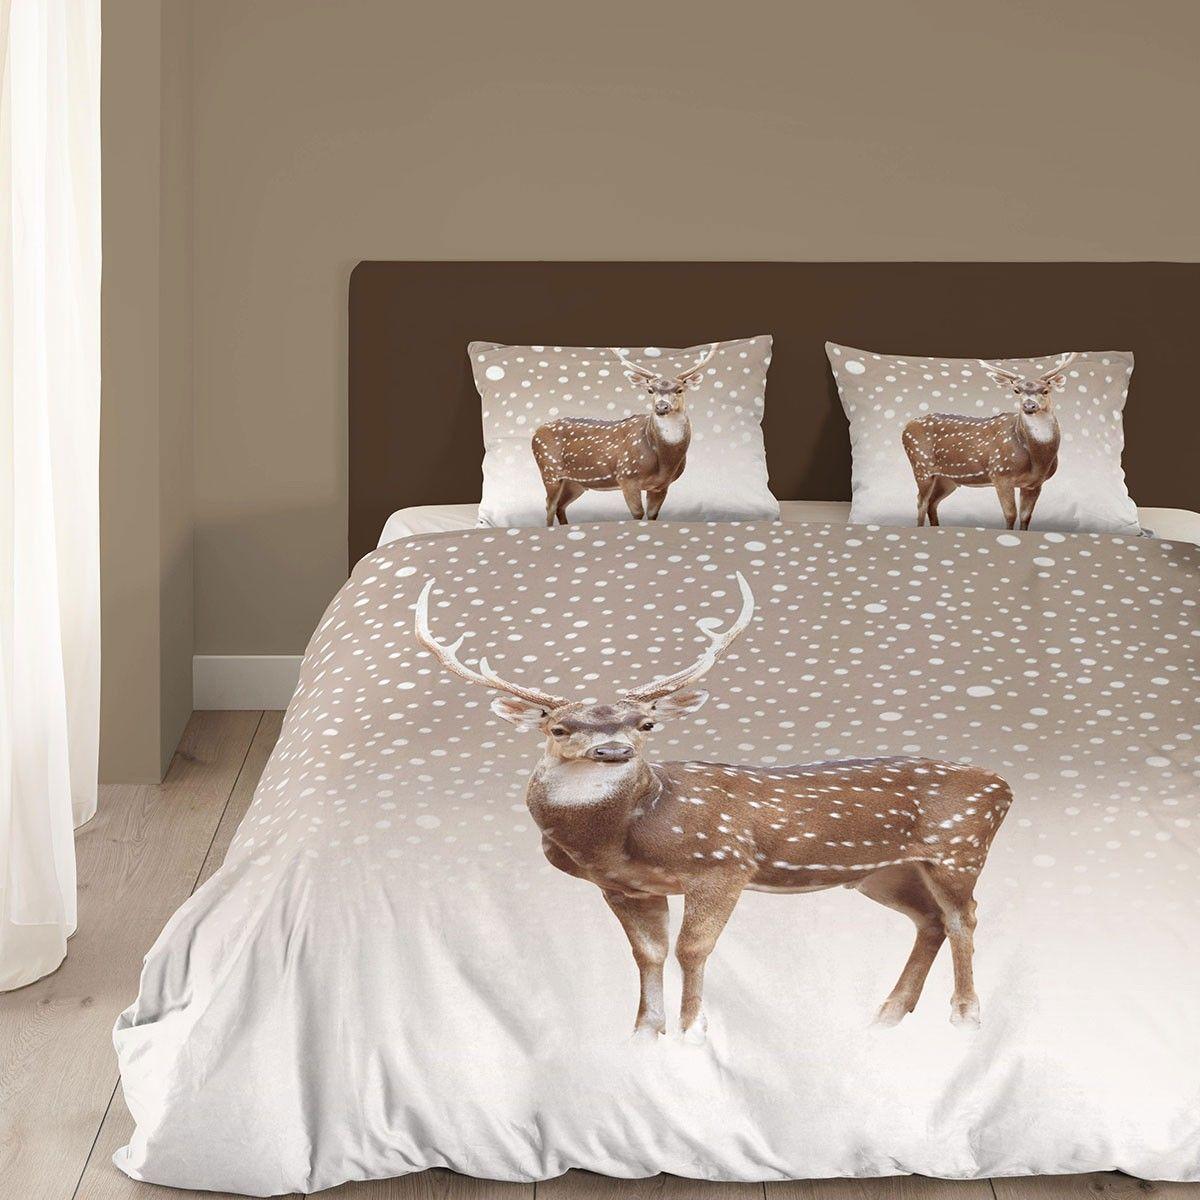 good morning flanell bettwäsche winter aus warmer baumwolle, Schlafzimmer entwurf